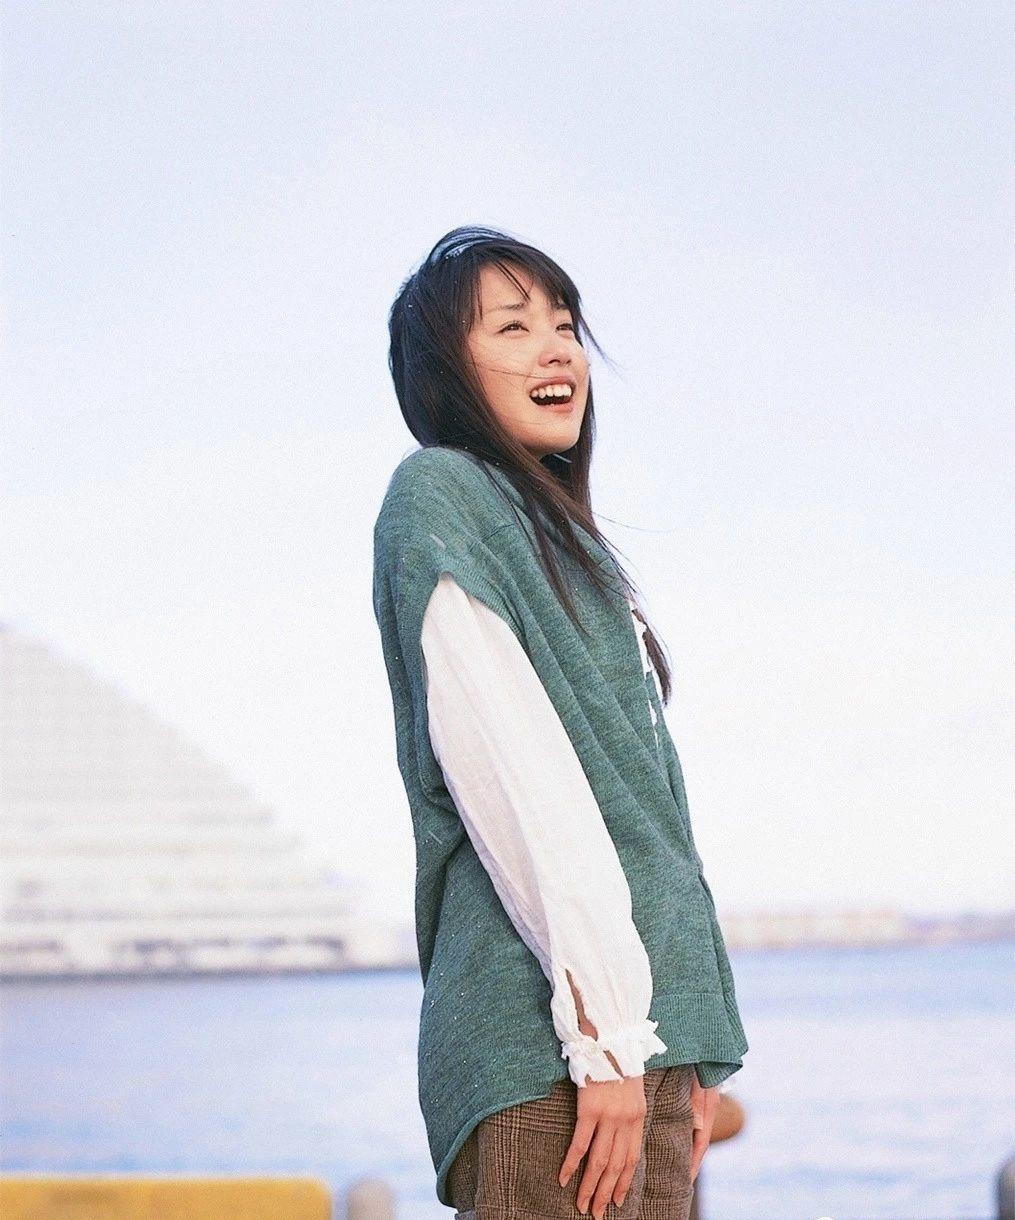 美的不可方物少女时代的户田惠梨香写真作品 (32)